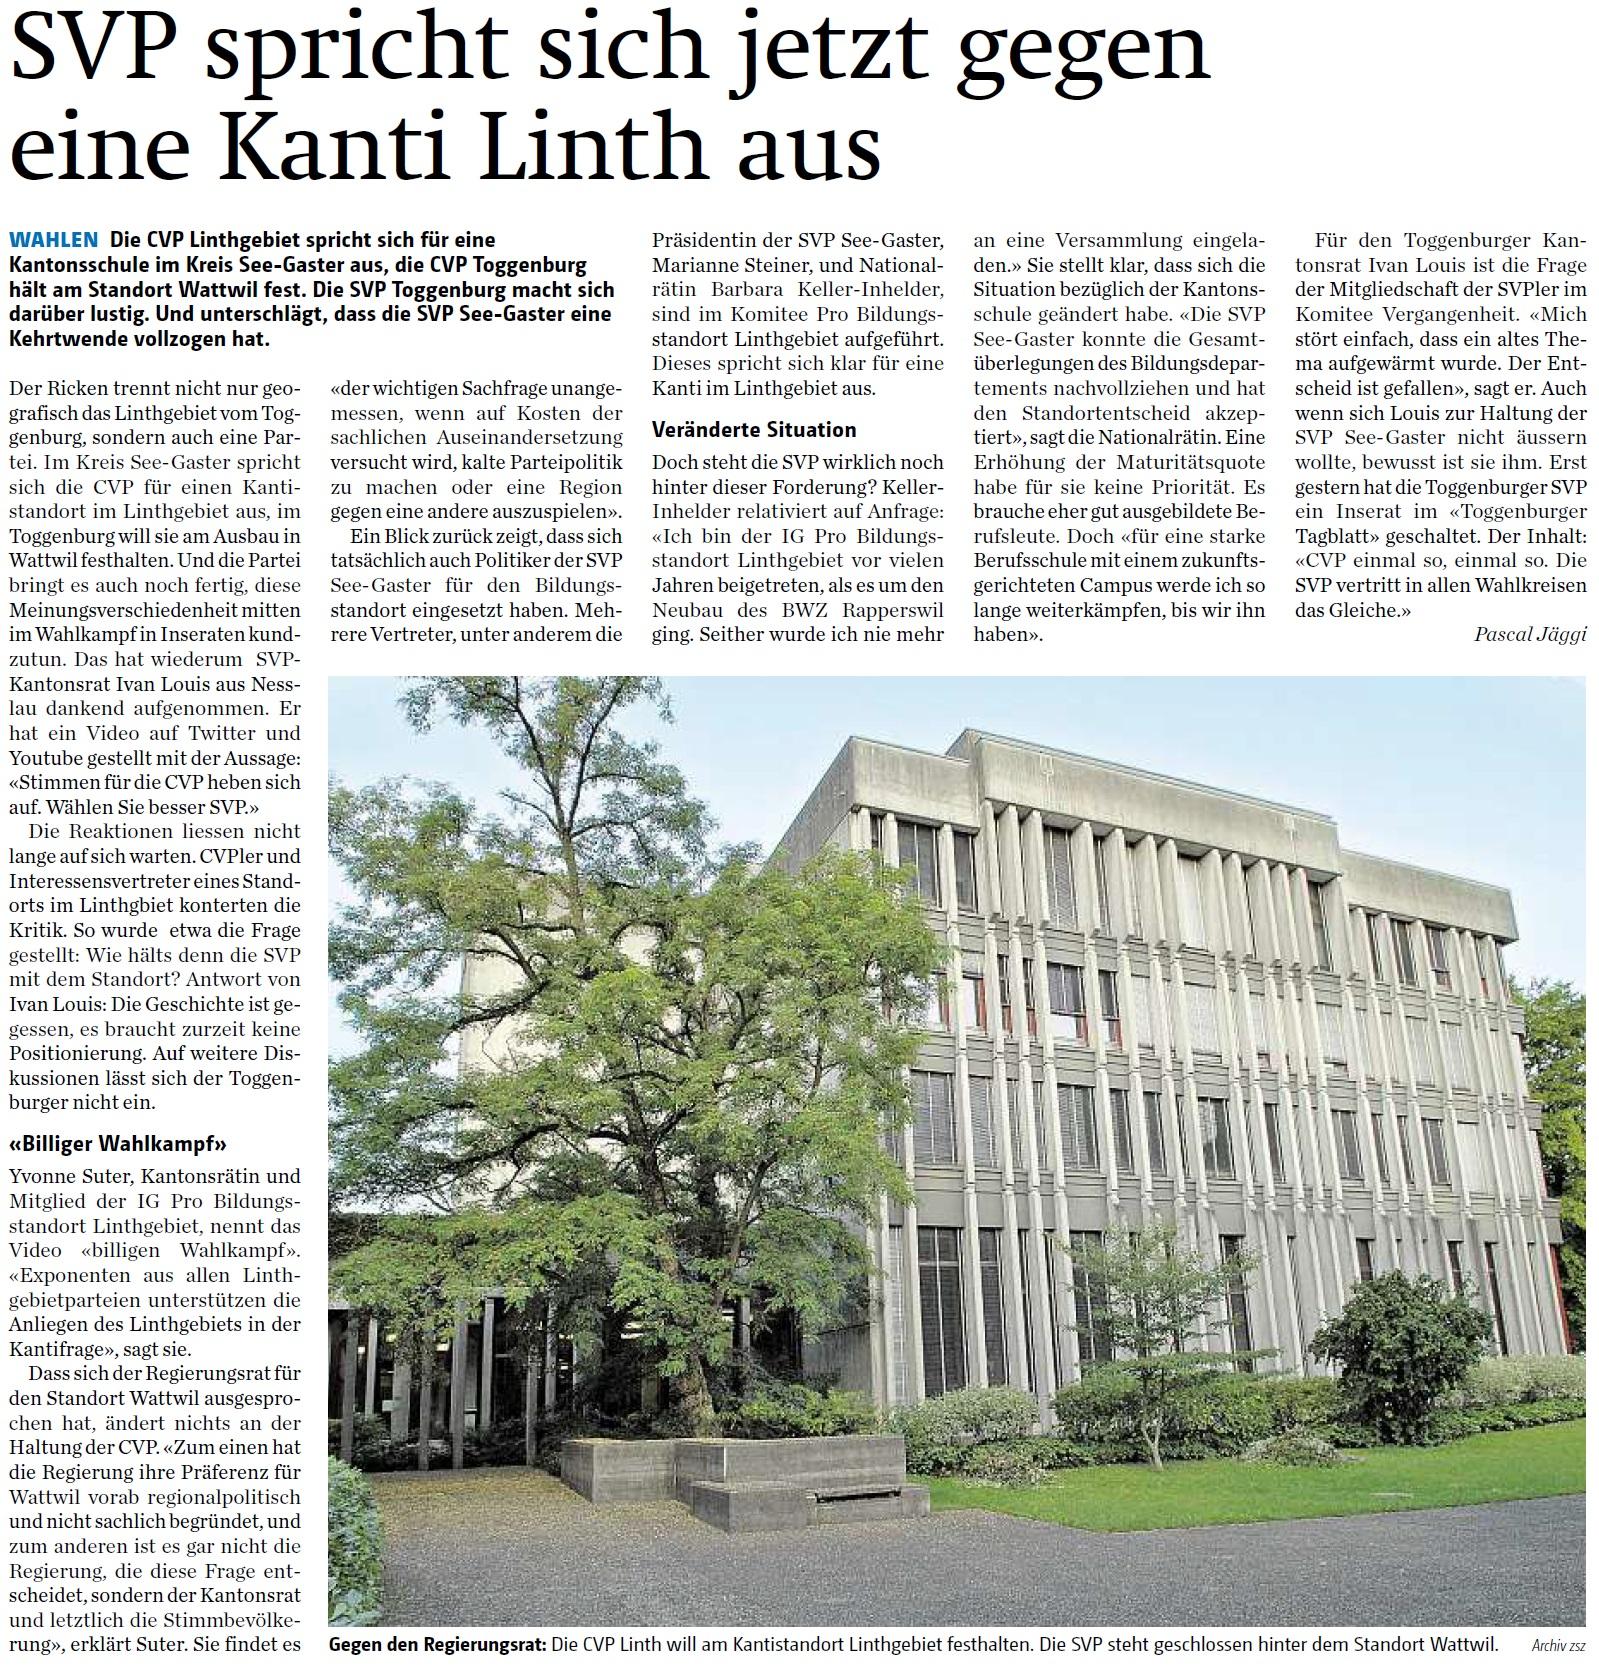 SVP spricht sich gegen eine Kanti Linth aus (Freitag, 19.02.2016)